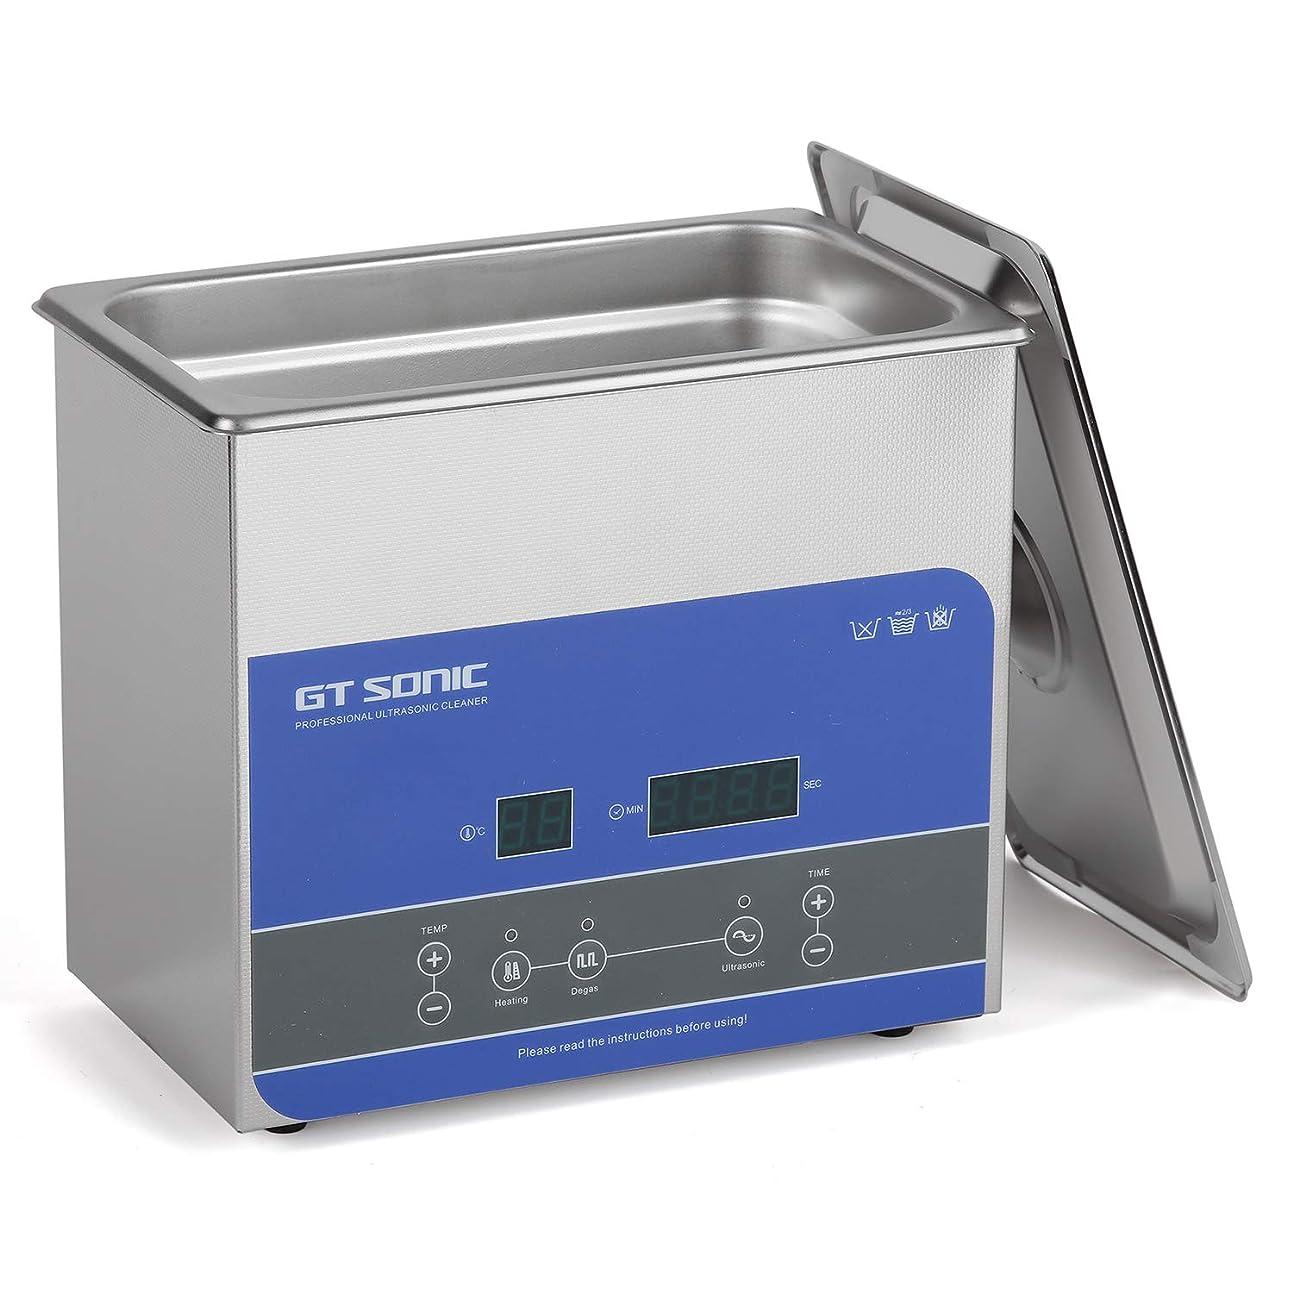 エーカーマンハッタン銛GTSONIC 超音波洗浄機 業務用 小型 超音波洗浄器 R3 3L 100W 40kHz 眼鏡 腕時計 メガネ 超音波 洗浄機 デジタル 加熱 脱気 超音波 クリーナー